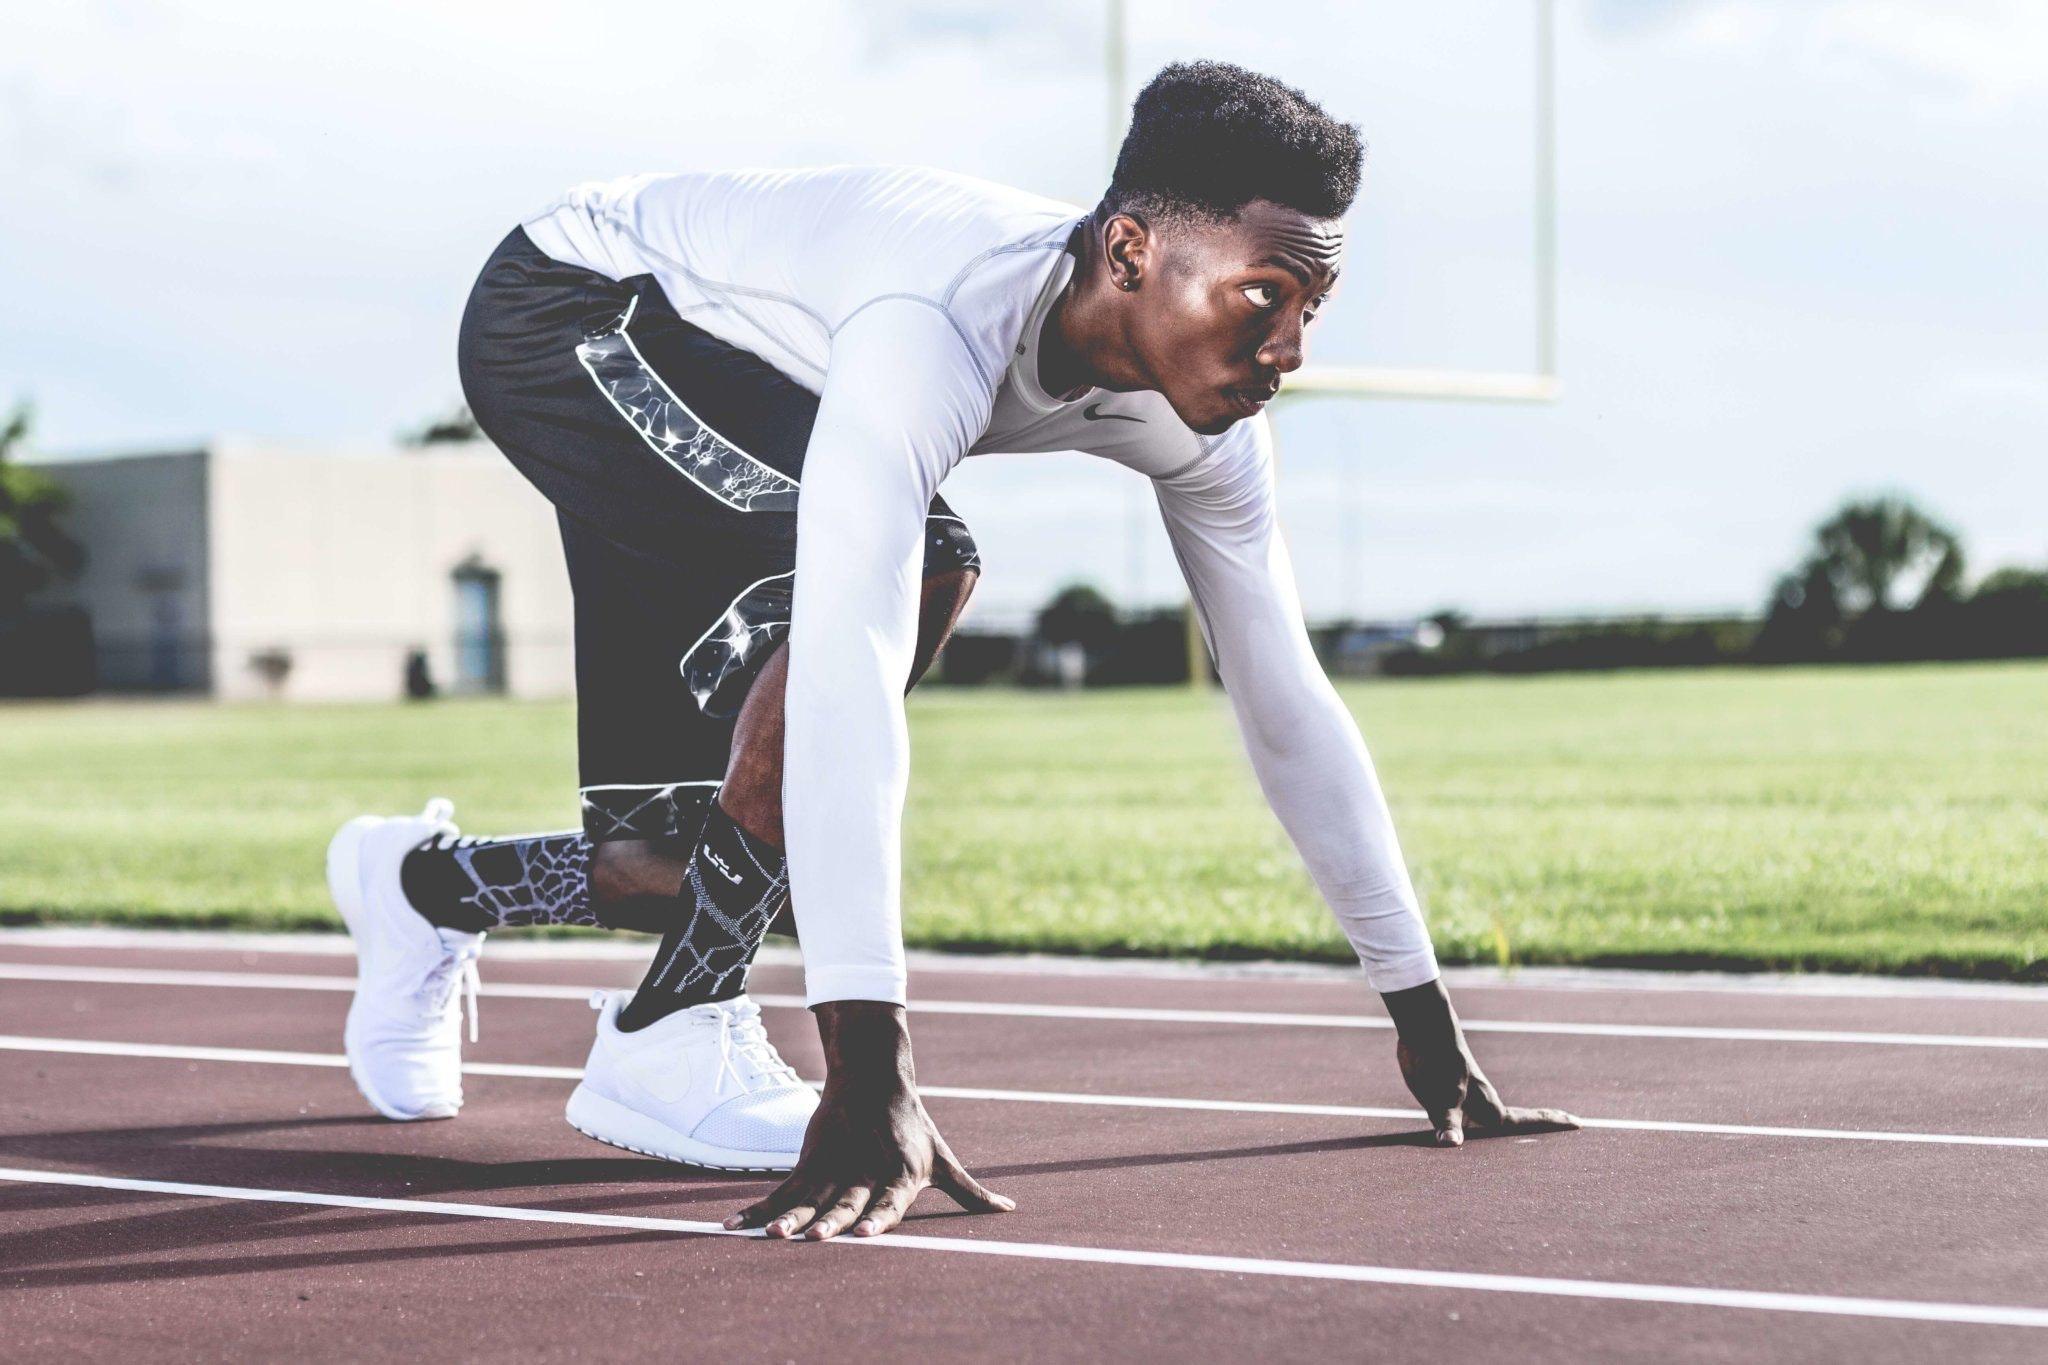 Athlete - Runner